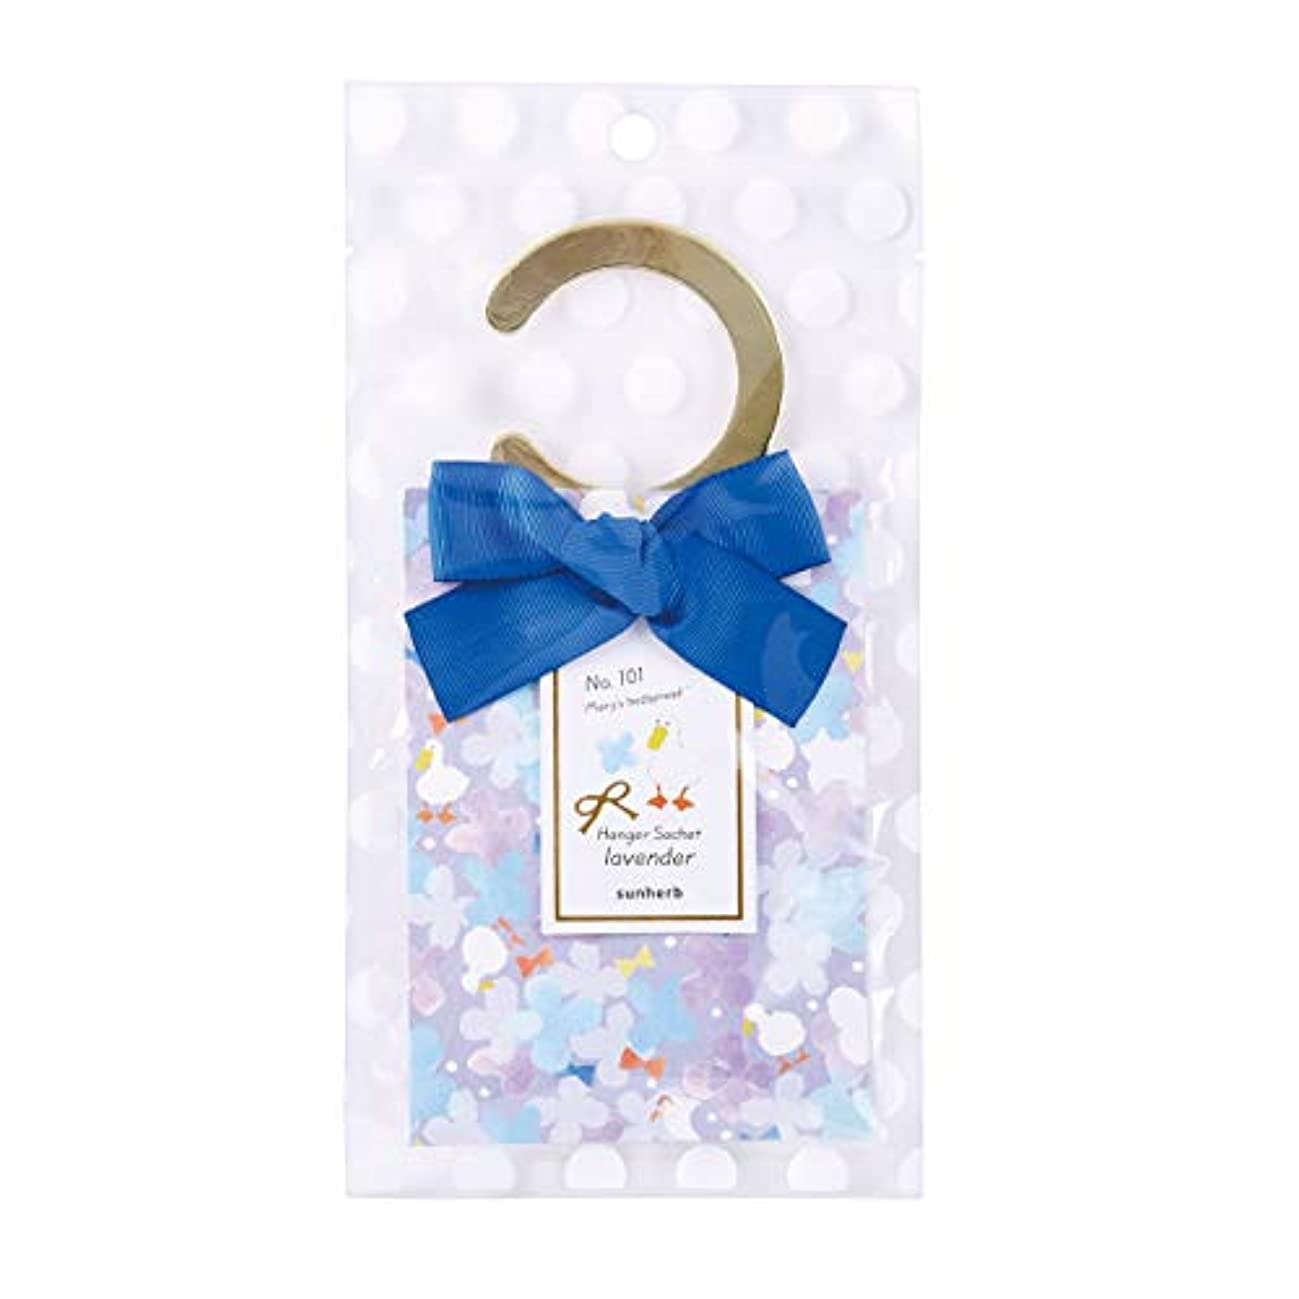 水の言うまでもなくサンハーブ ハンガーサシェ ラベンダーの香り (吊り下げ芳香剤 アヒルが描かれたラベンダー色のデザイン)